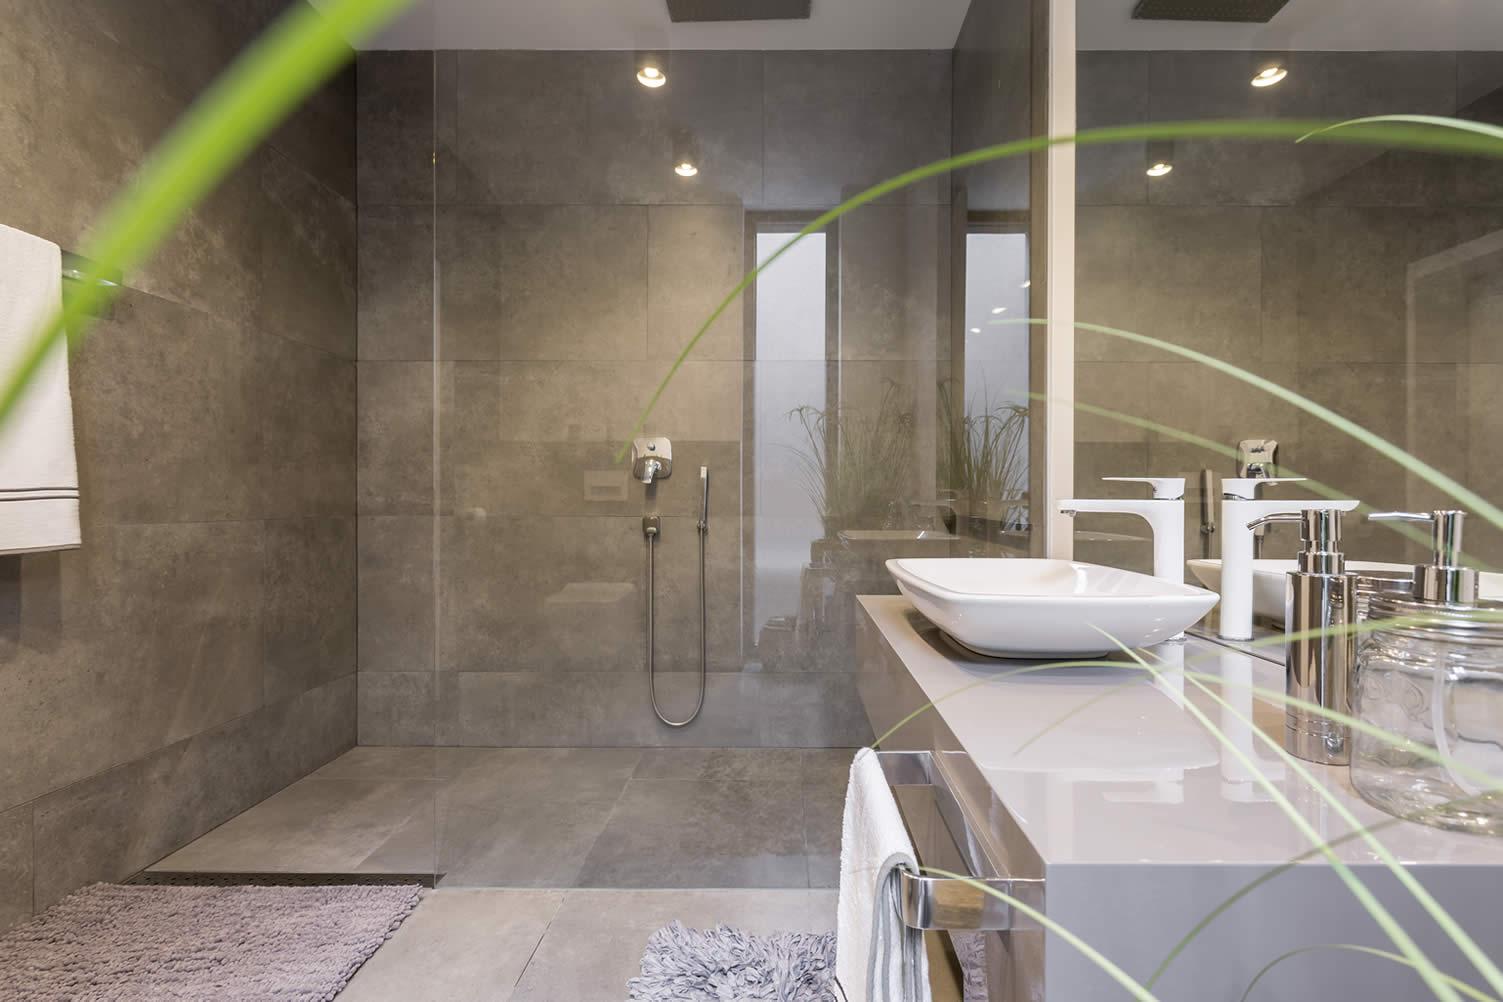 home improvements that raise market value